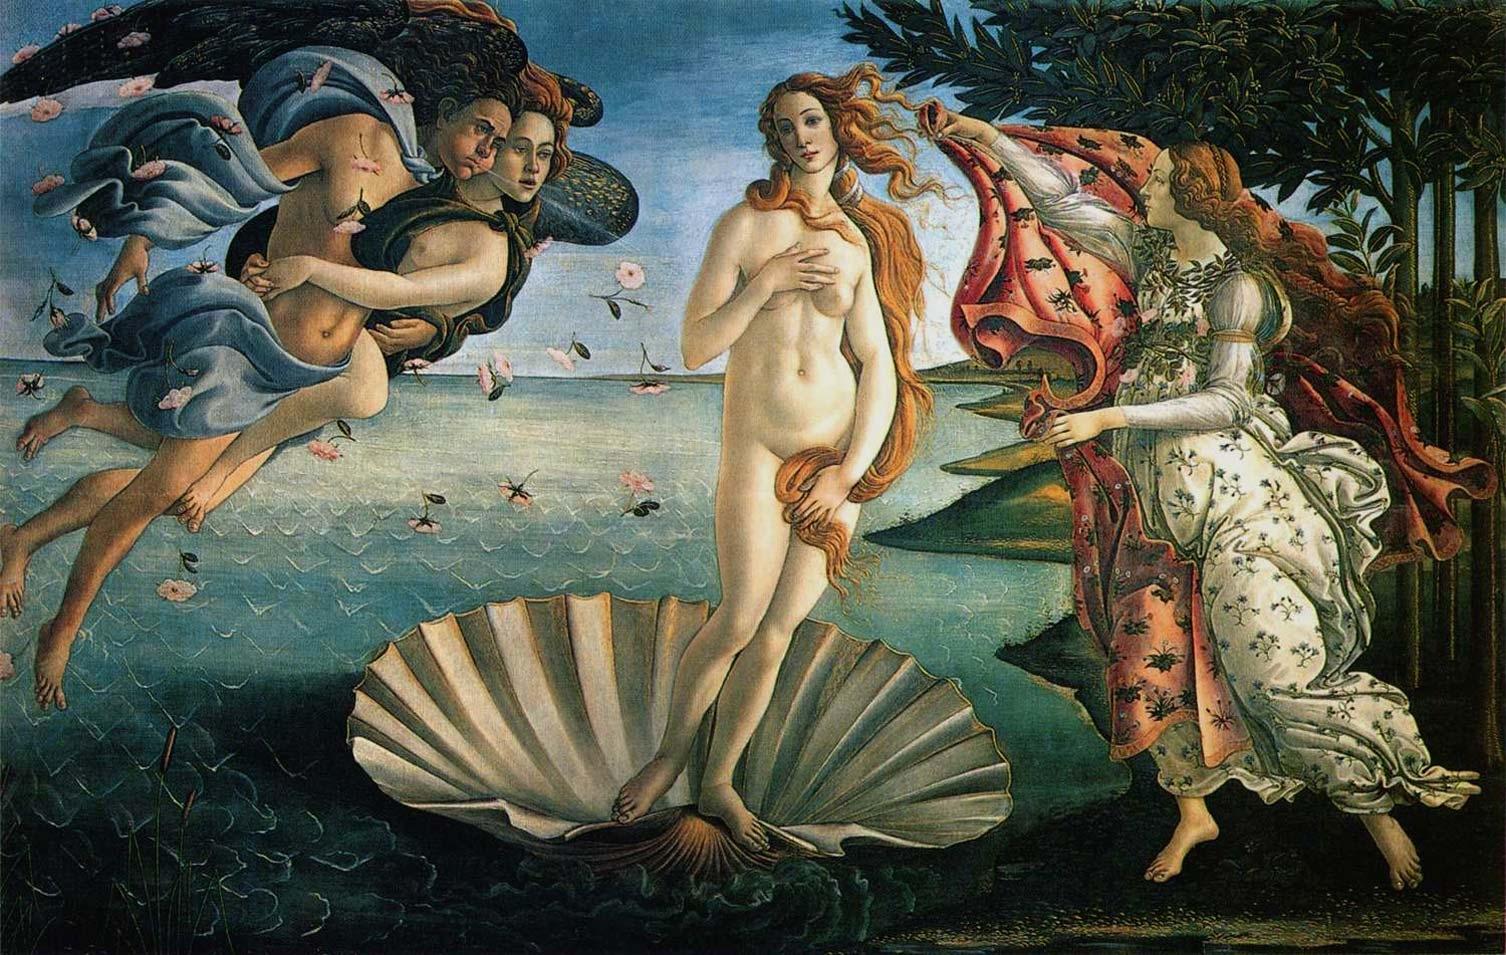 """""""O nascimento de Vênus"""", de Sandro Botticelli (1483). Galleria degli Uffizi, Firenze. Segundo relatos, Vênus surgiu em Páfos, na Ilha de Chipre. Outros dizem que ela pousou em Cítera, próximo à costa sul da Grécia. Ambas as ilhas foram dedicadas a seu culto."""